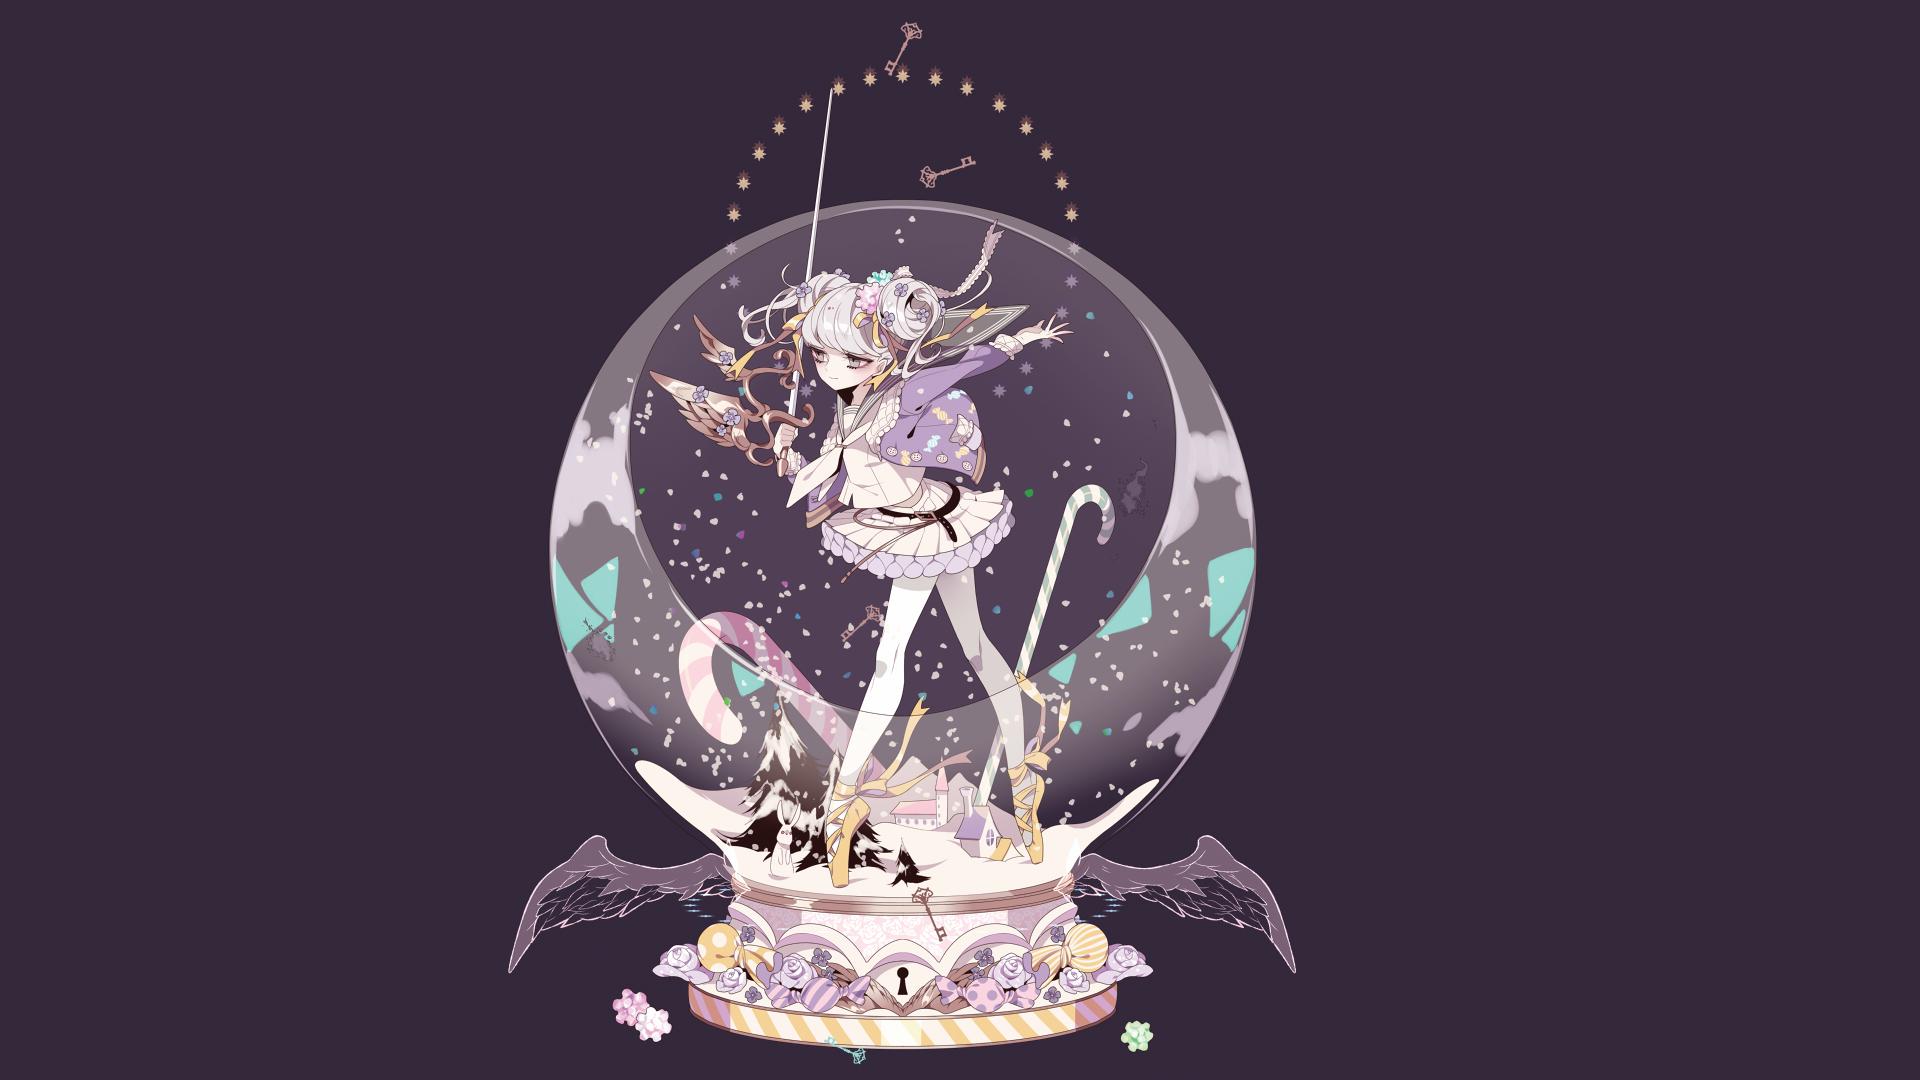 Illustration anime anime girls wings winter bunny ears sphere school uniform skirt sword crystal keys ball